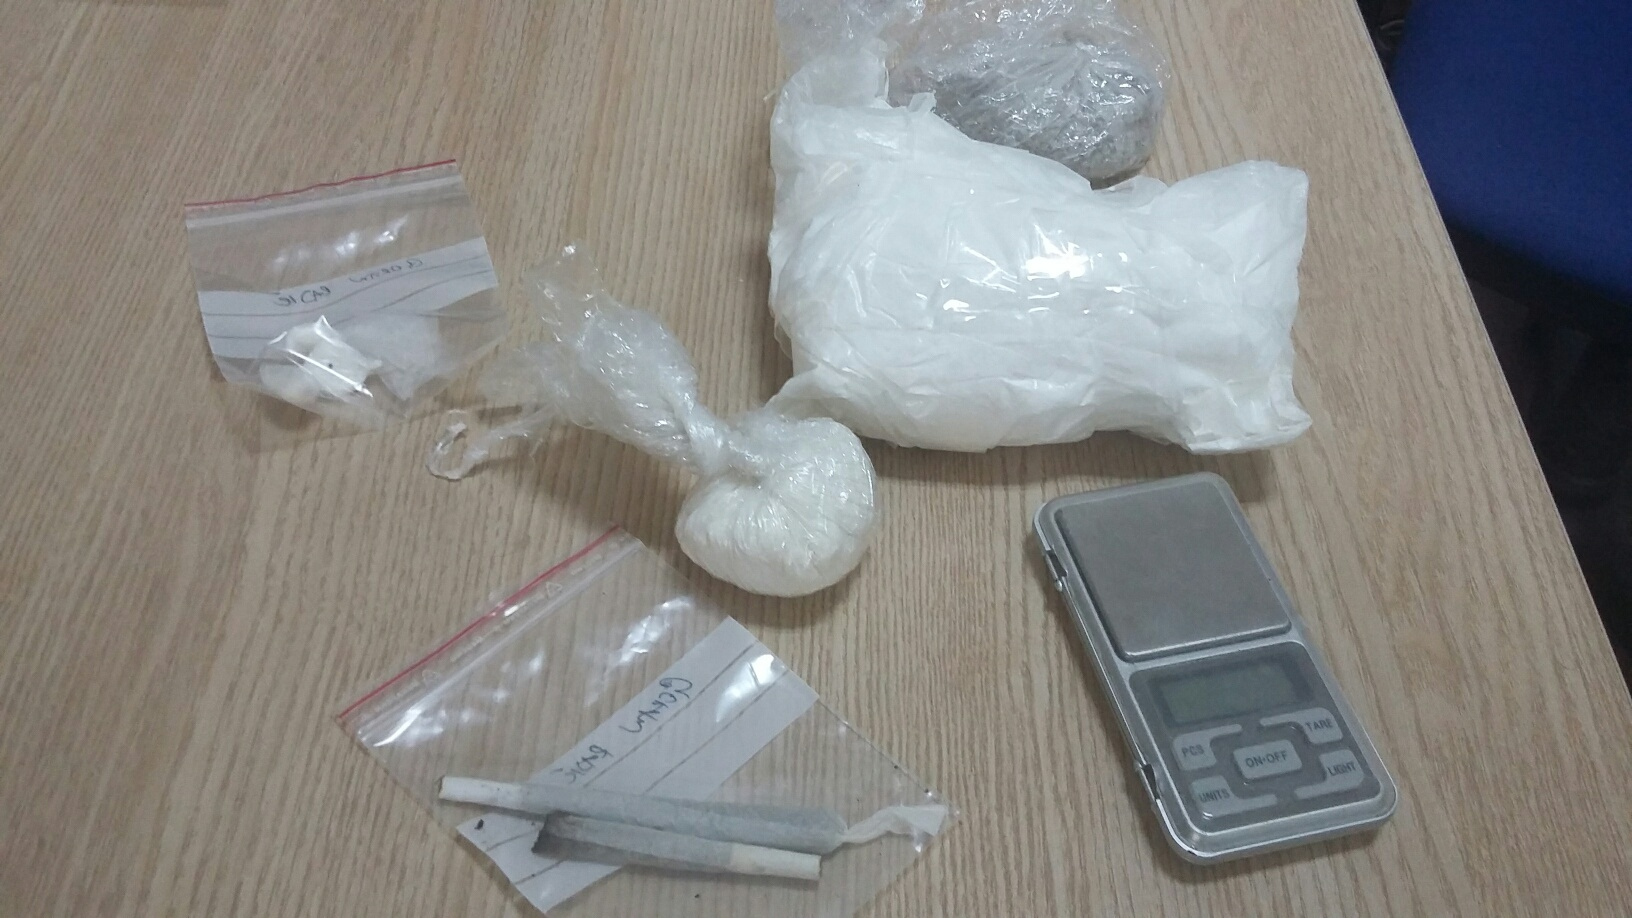 Na hrvatskom tržištu je više od stotinjak novih droga, pazite na svoju djecu